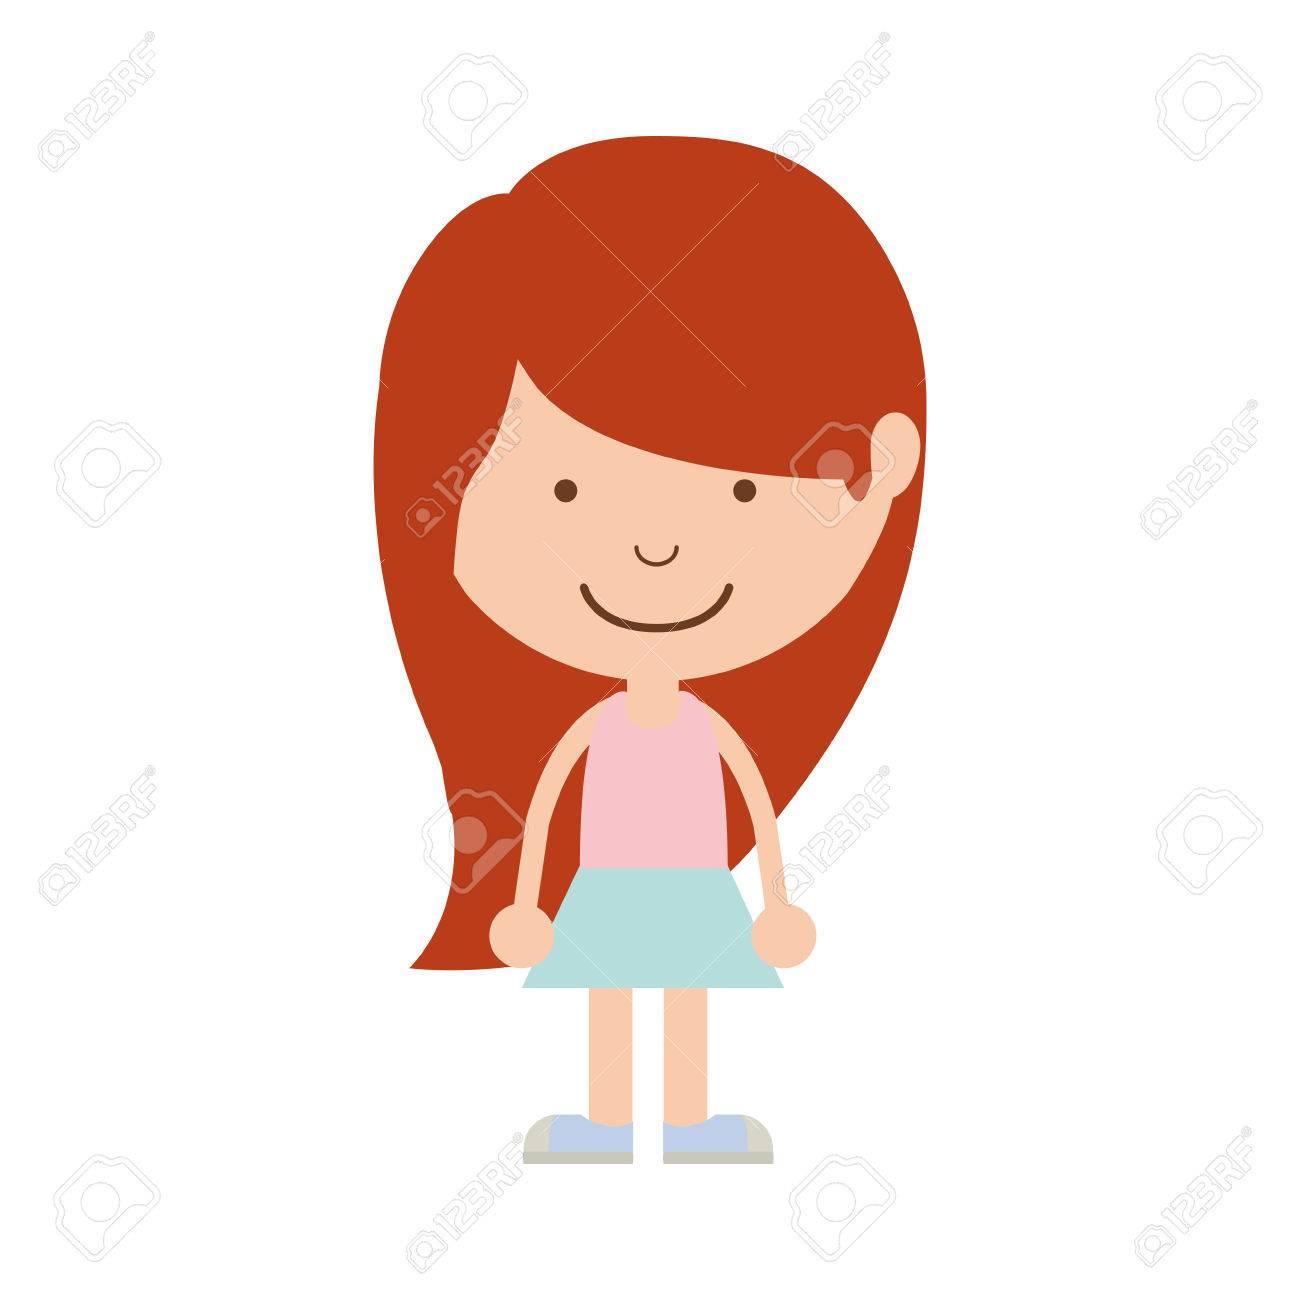 シルエット スカート ベクトル イラスト赤毛の女の子のイラスト素材